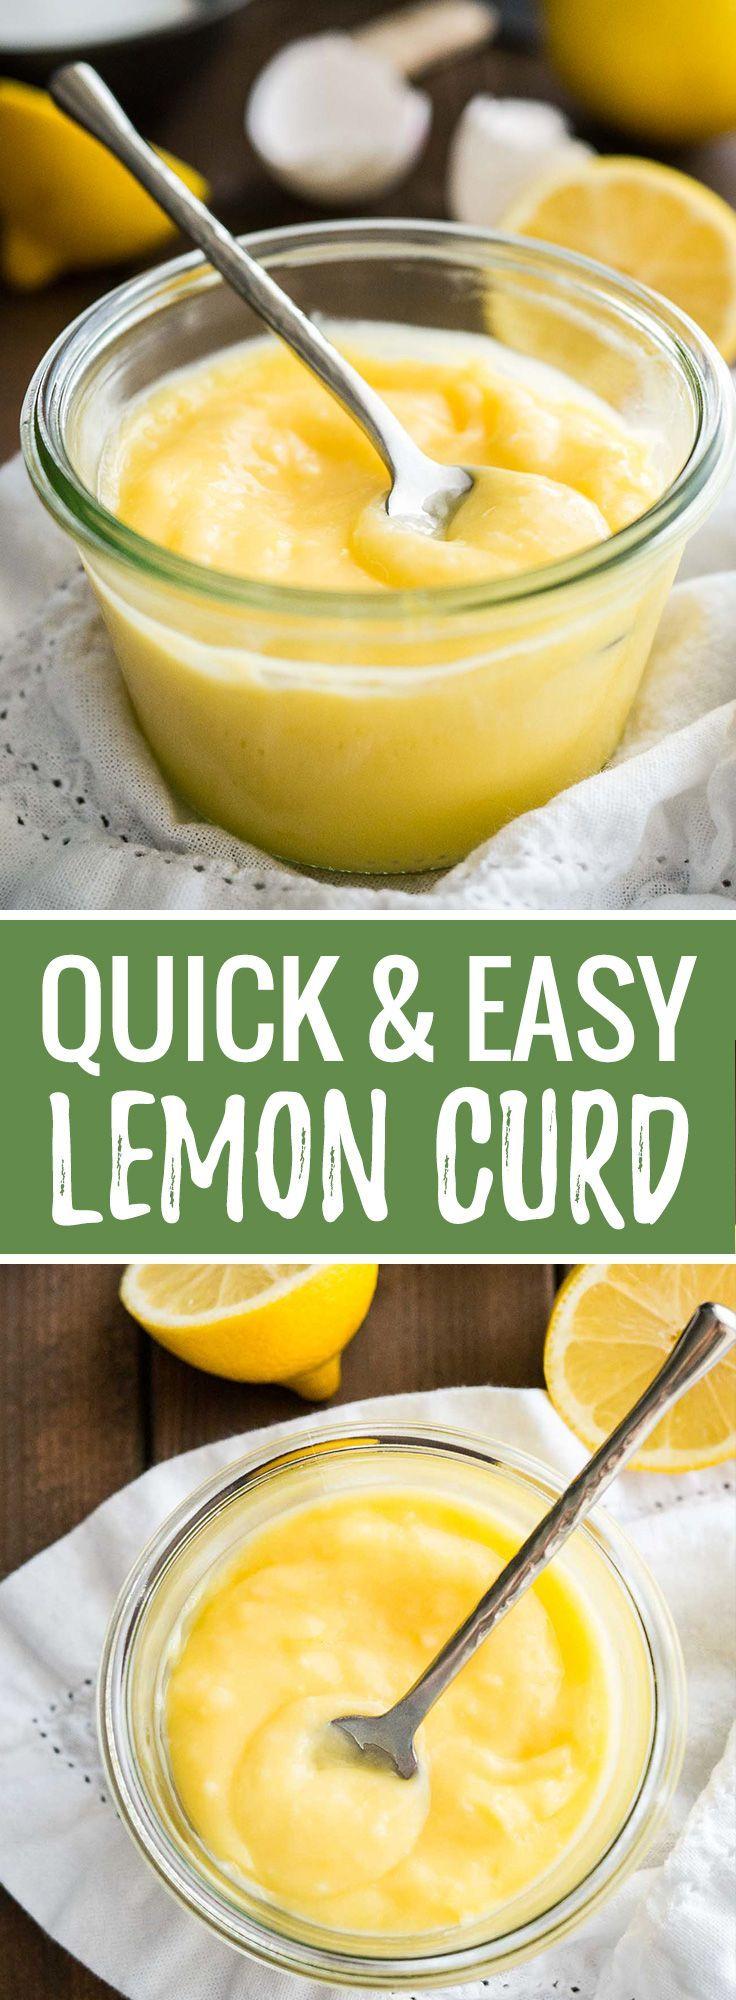 17 Best Ideas About Lemon Cupcakes On Pinterest Lemon